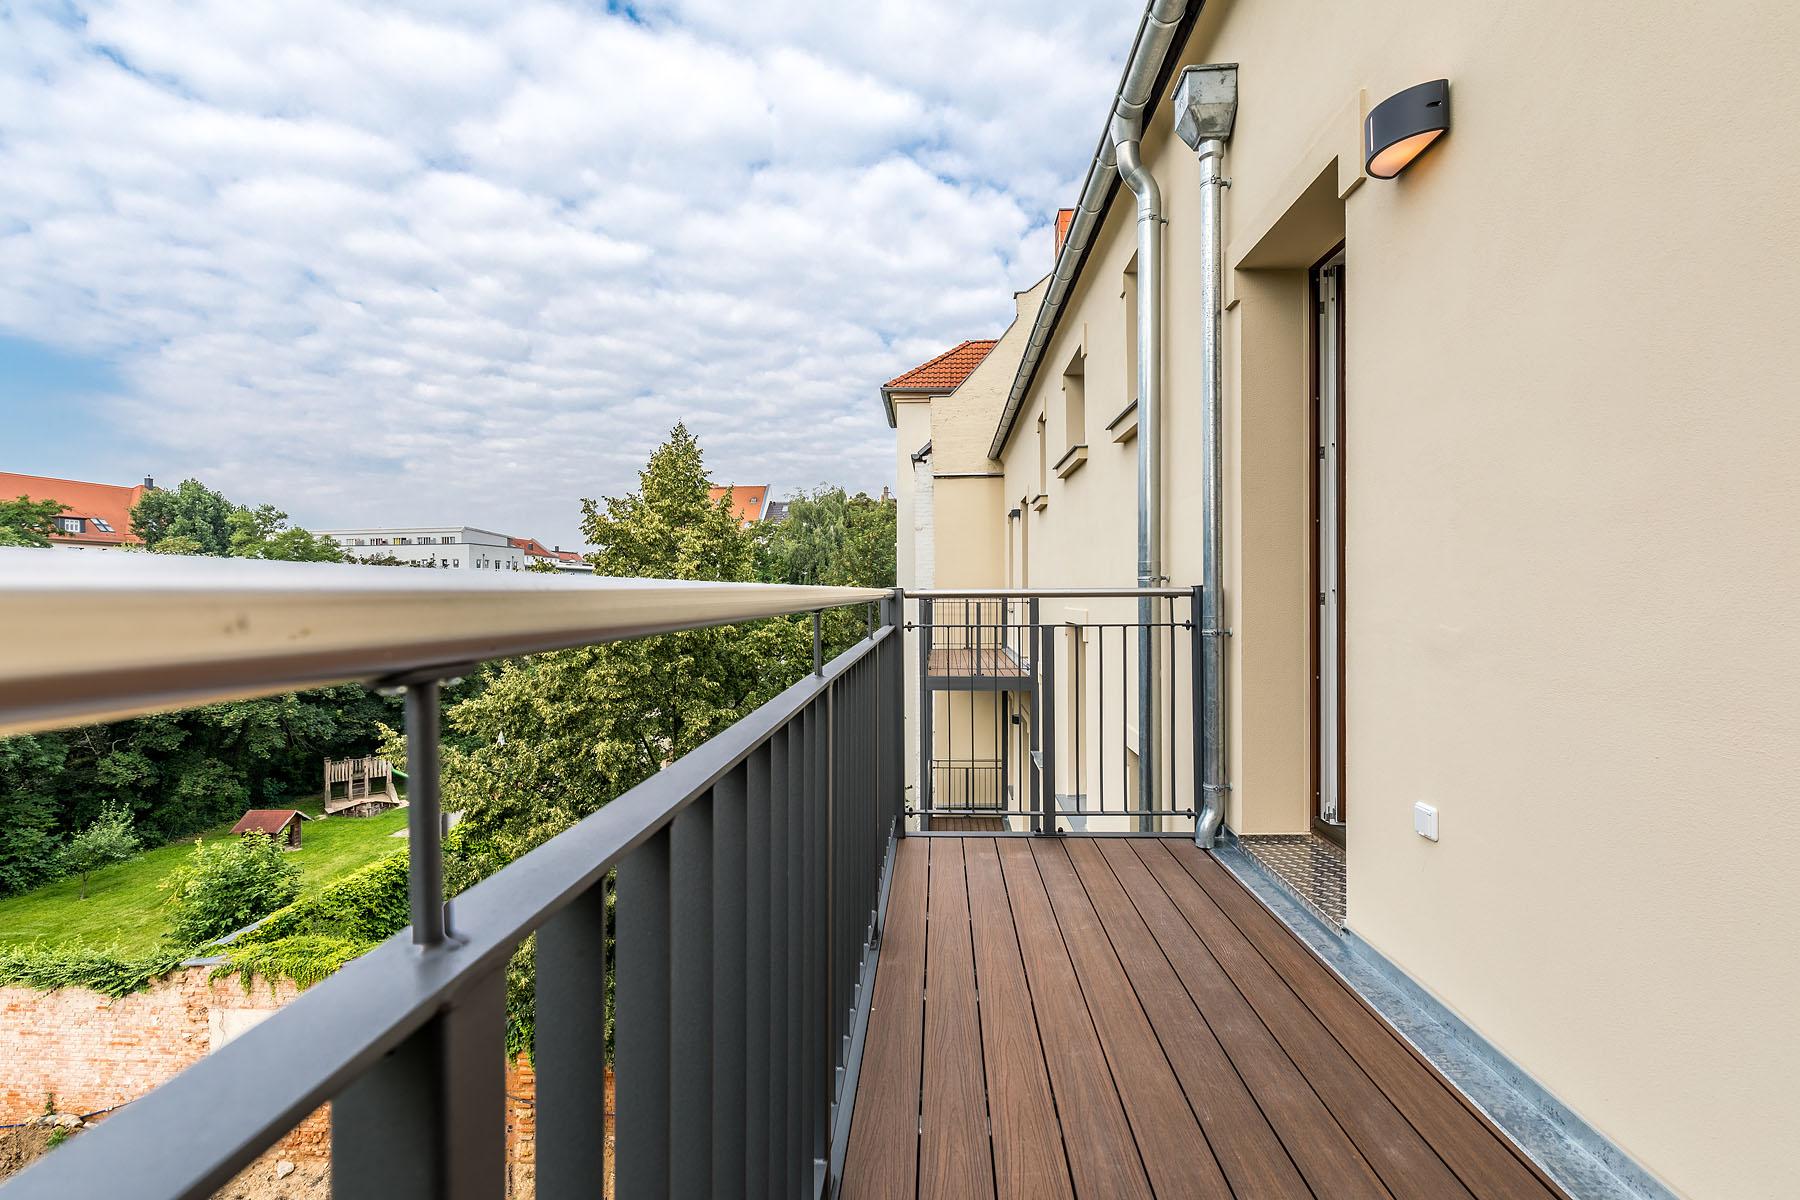 2021_mierendorffstrasse-42-vh-48